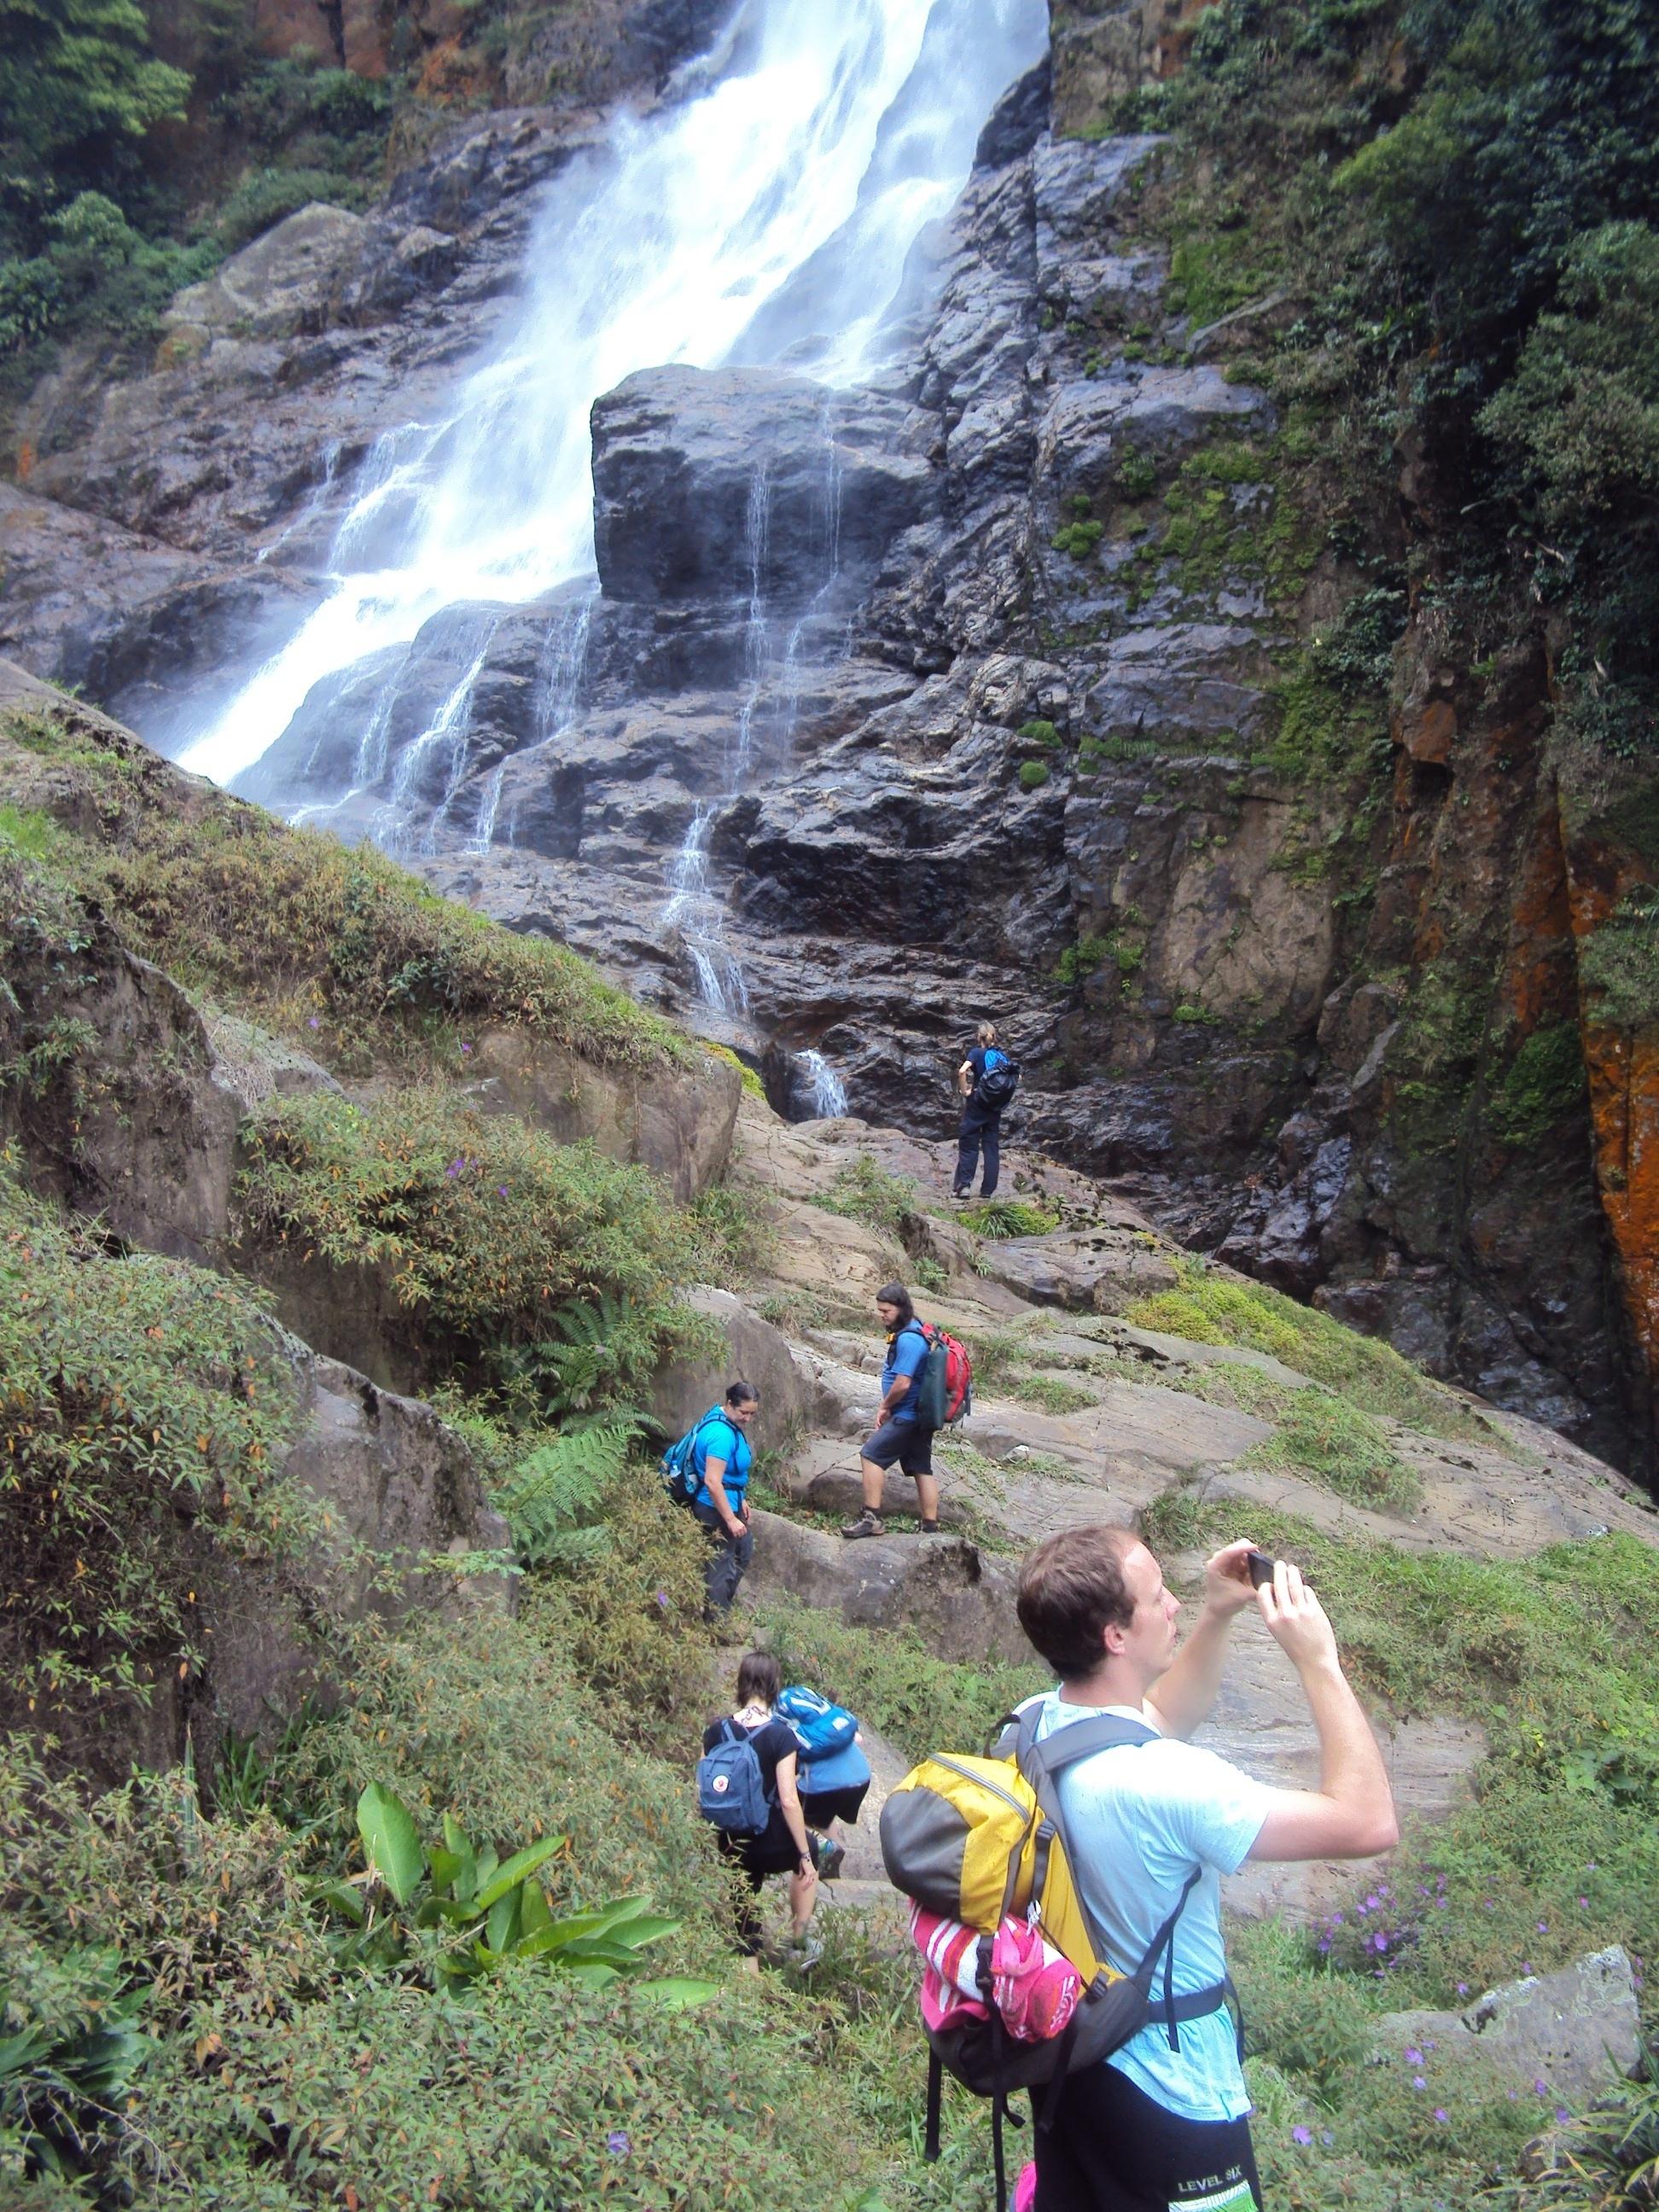 Vale das cachoeiras novembro 2014 045.jpg